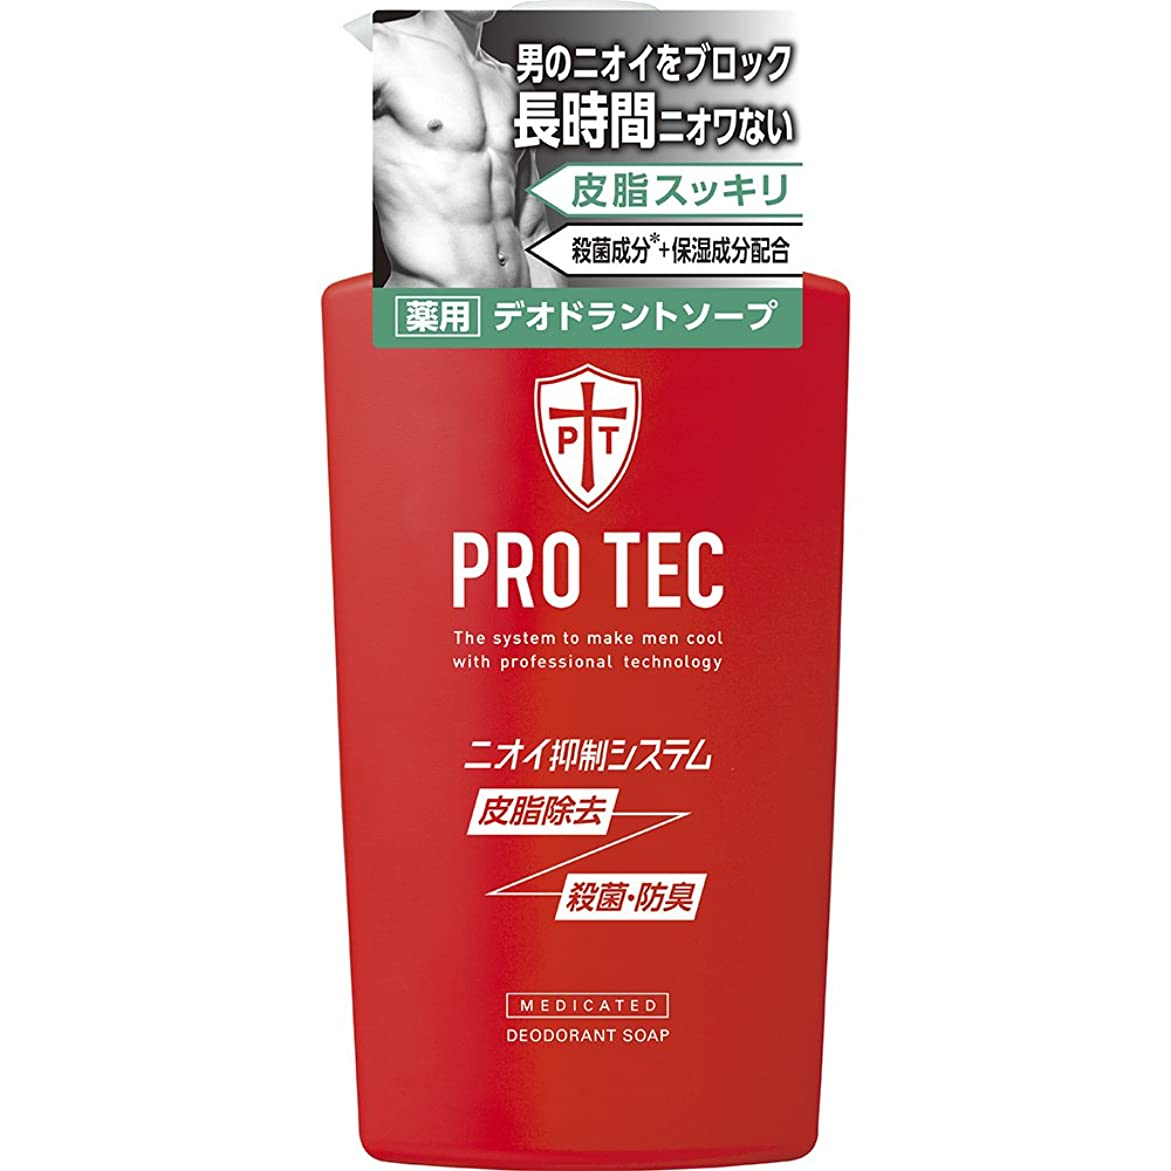 無意識リング騒PRO TEC(プロテク) デオドラントソープ 本体ポンプ 420ml